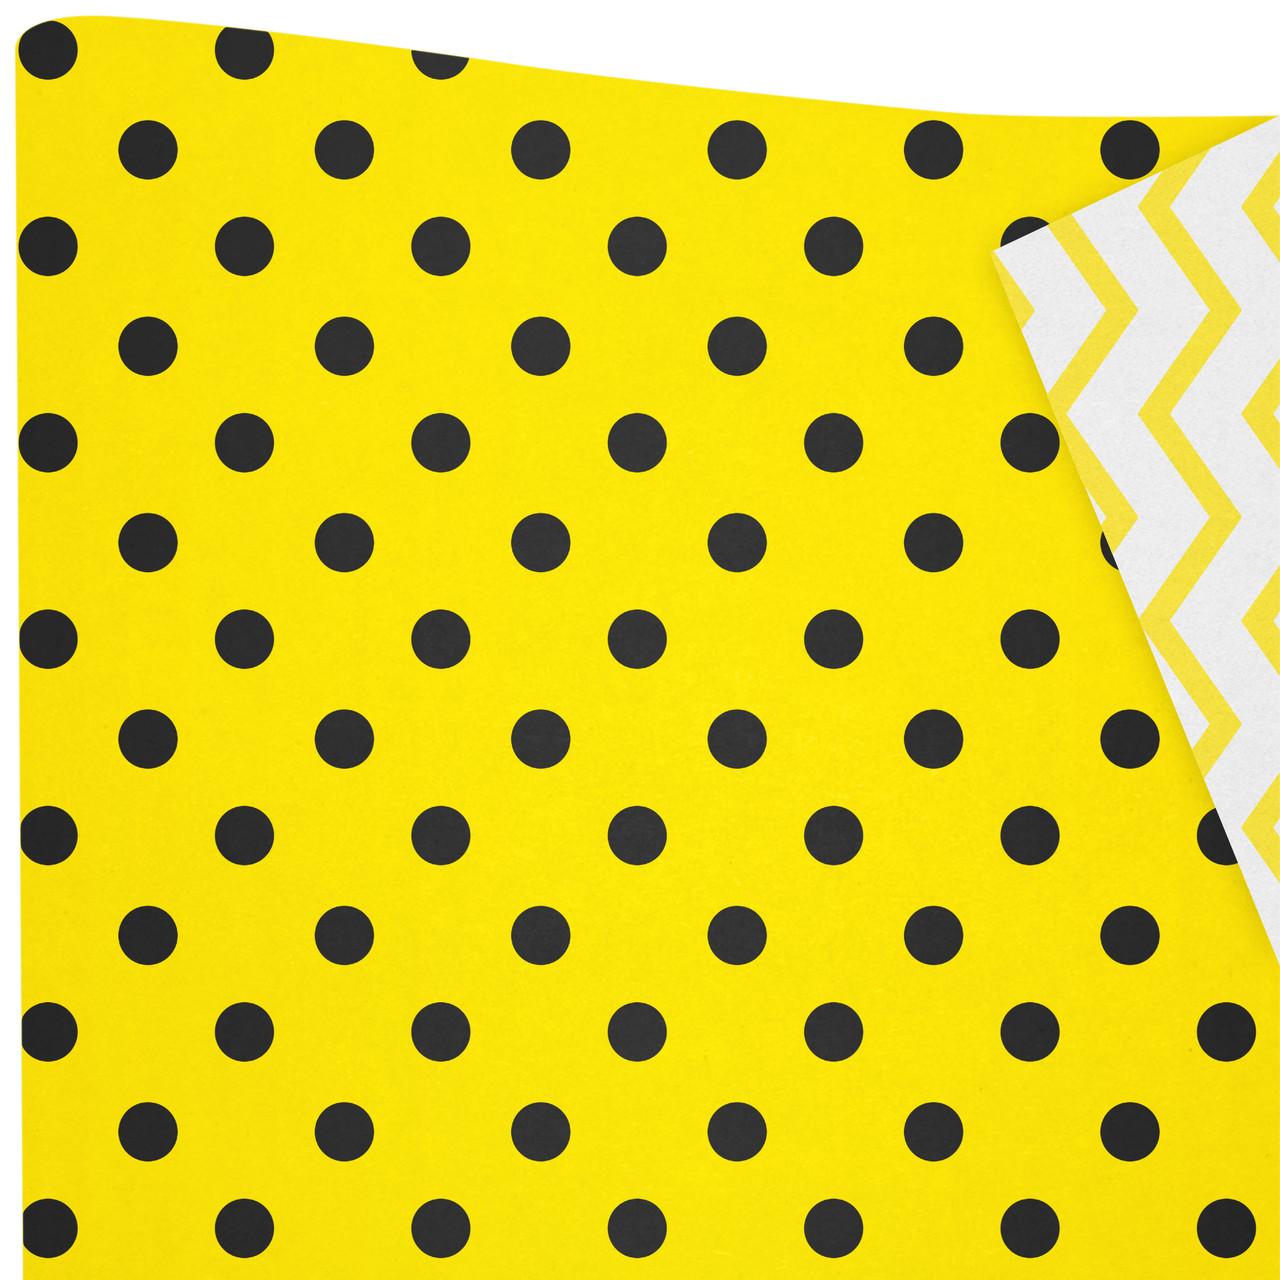 Бумага двухсторонняя /ретро/  Горошки черные на желтом